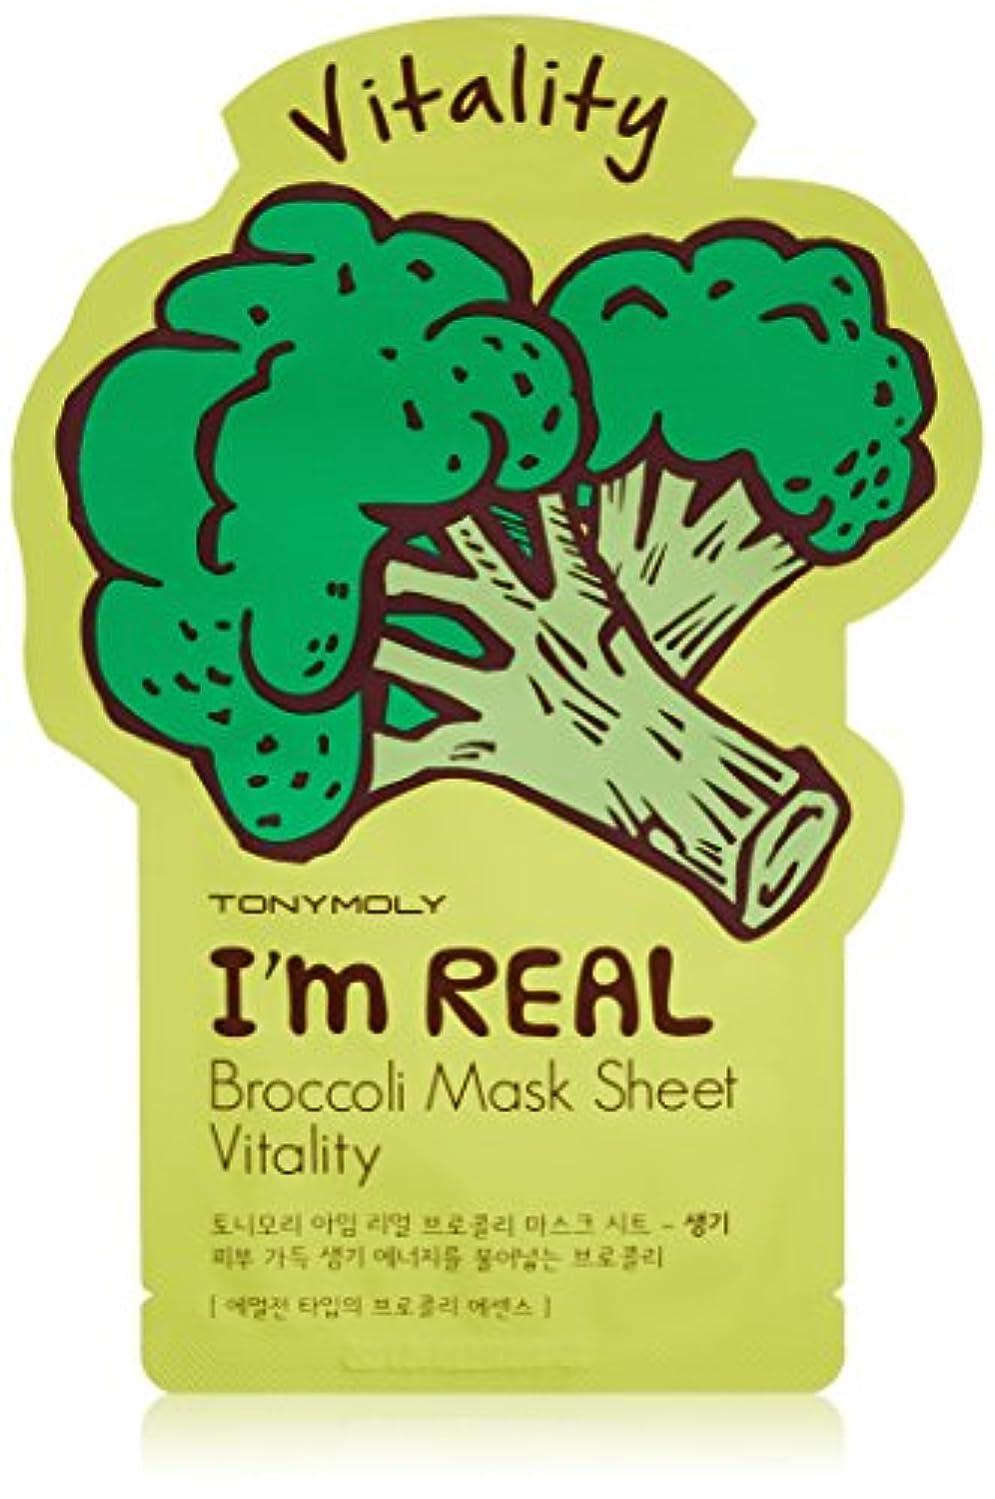 踏み台ネコ起きているトニーモリー I'm Real Mask Sheet - Broccoli - Vitality 10x21ml/0.71oz